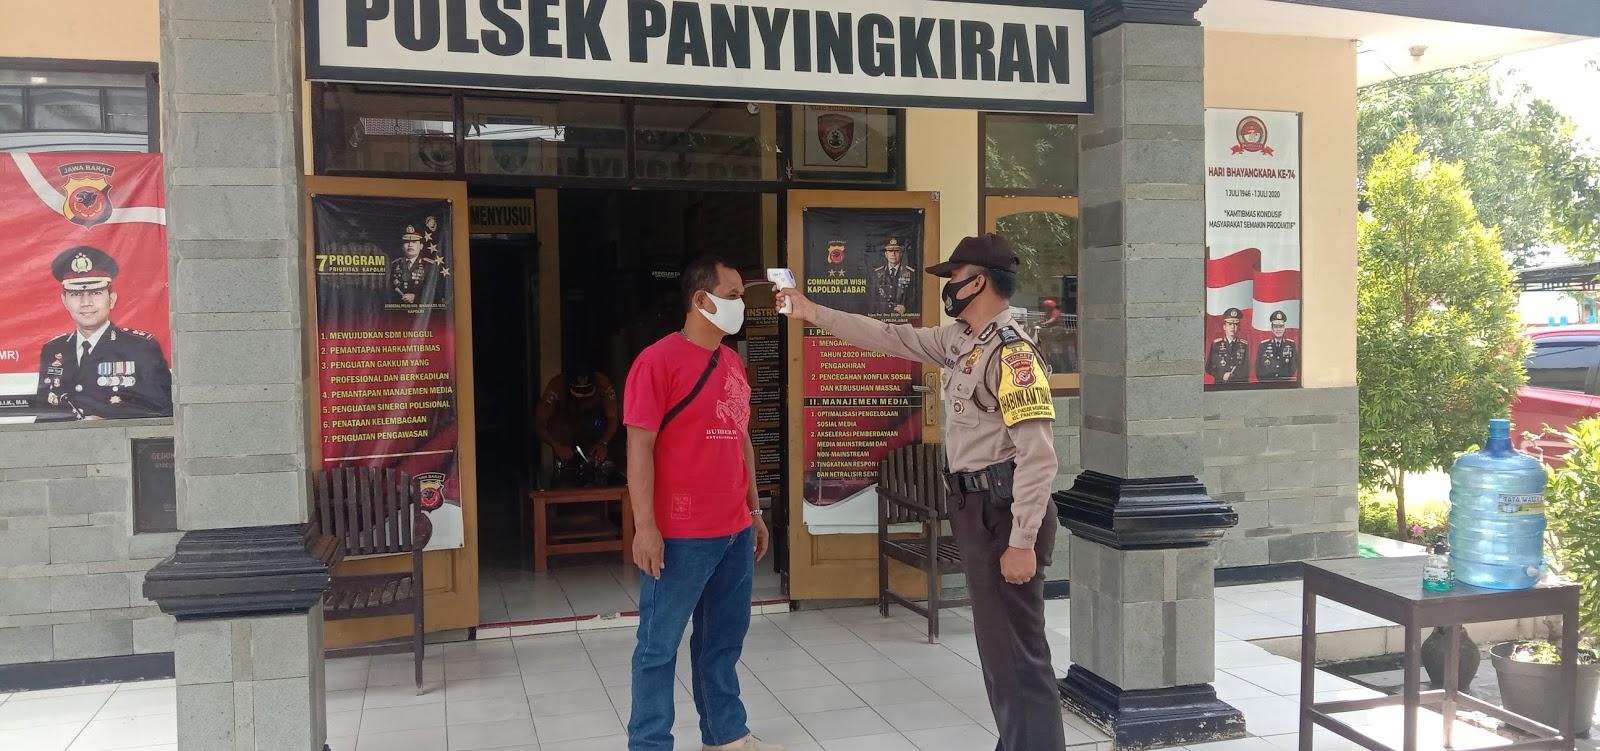 Wajib Patuhi Protokol Kesehatan Bagi Pengunjung Yang Masuk ke Mako Polsek Panyingkiran